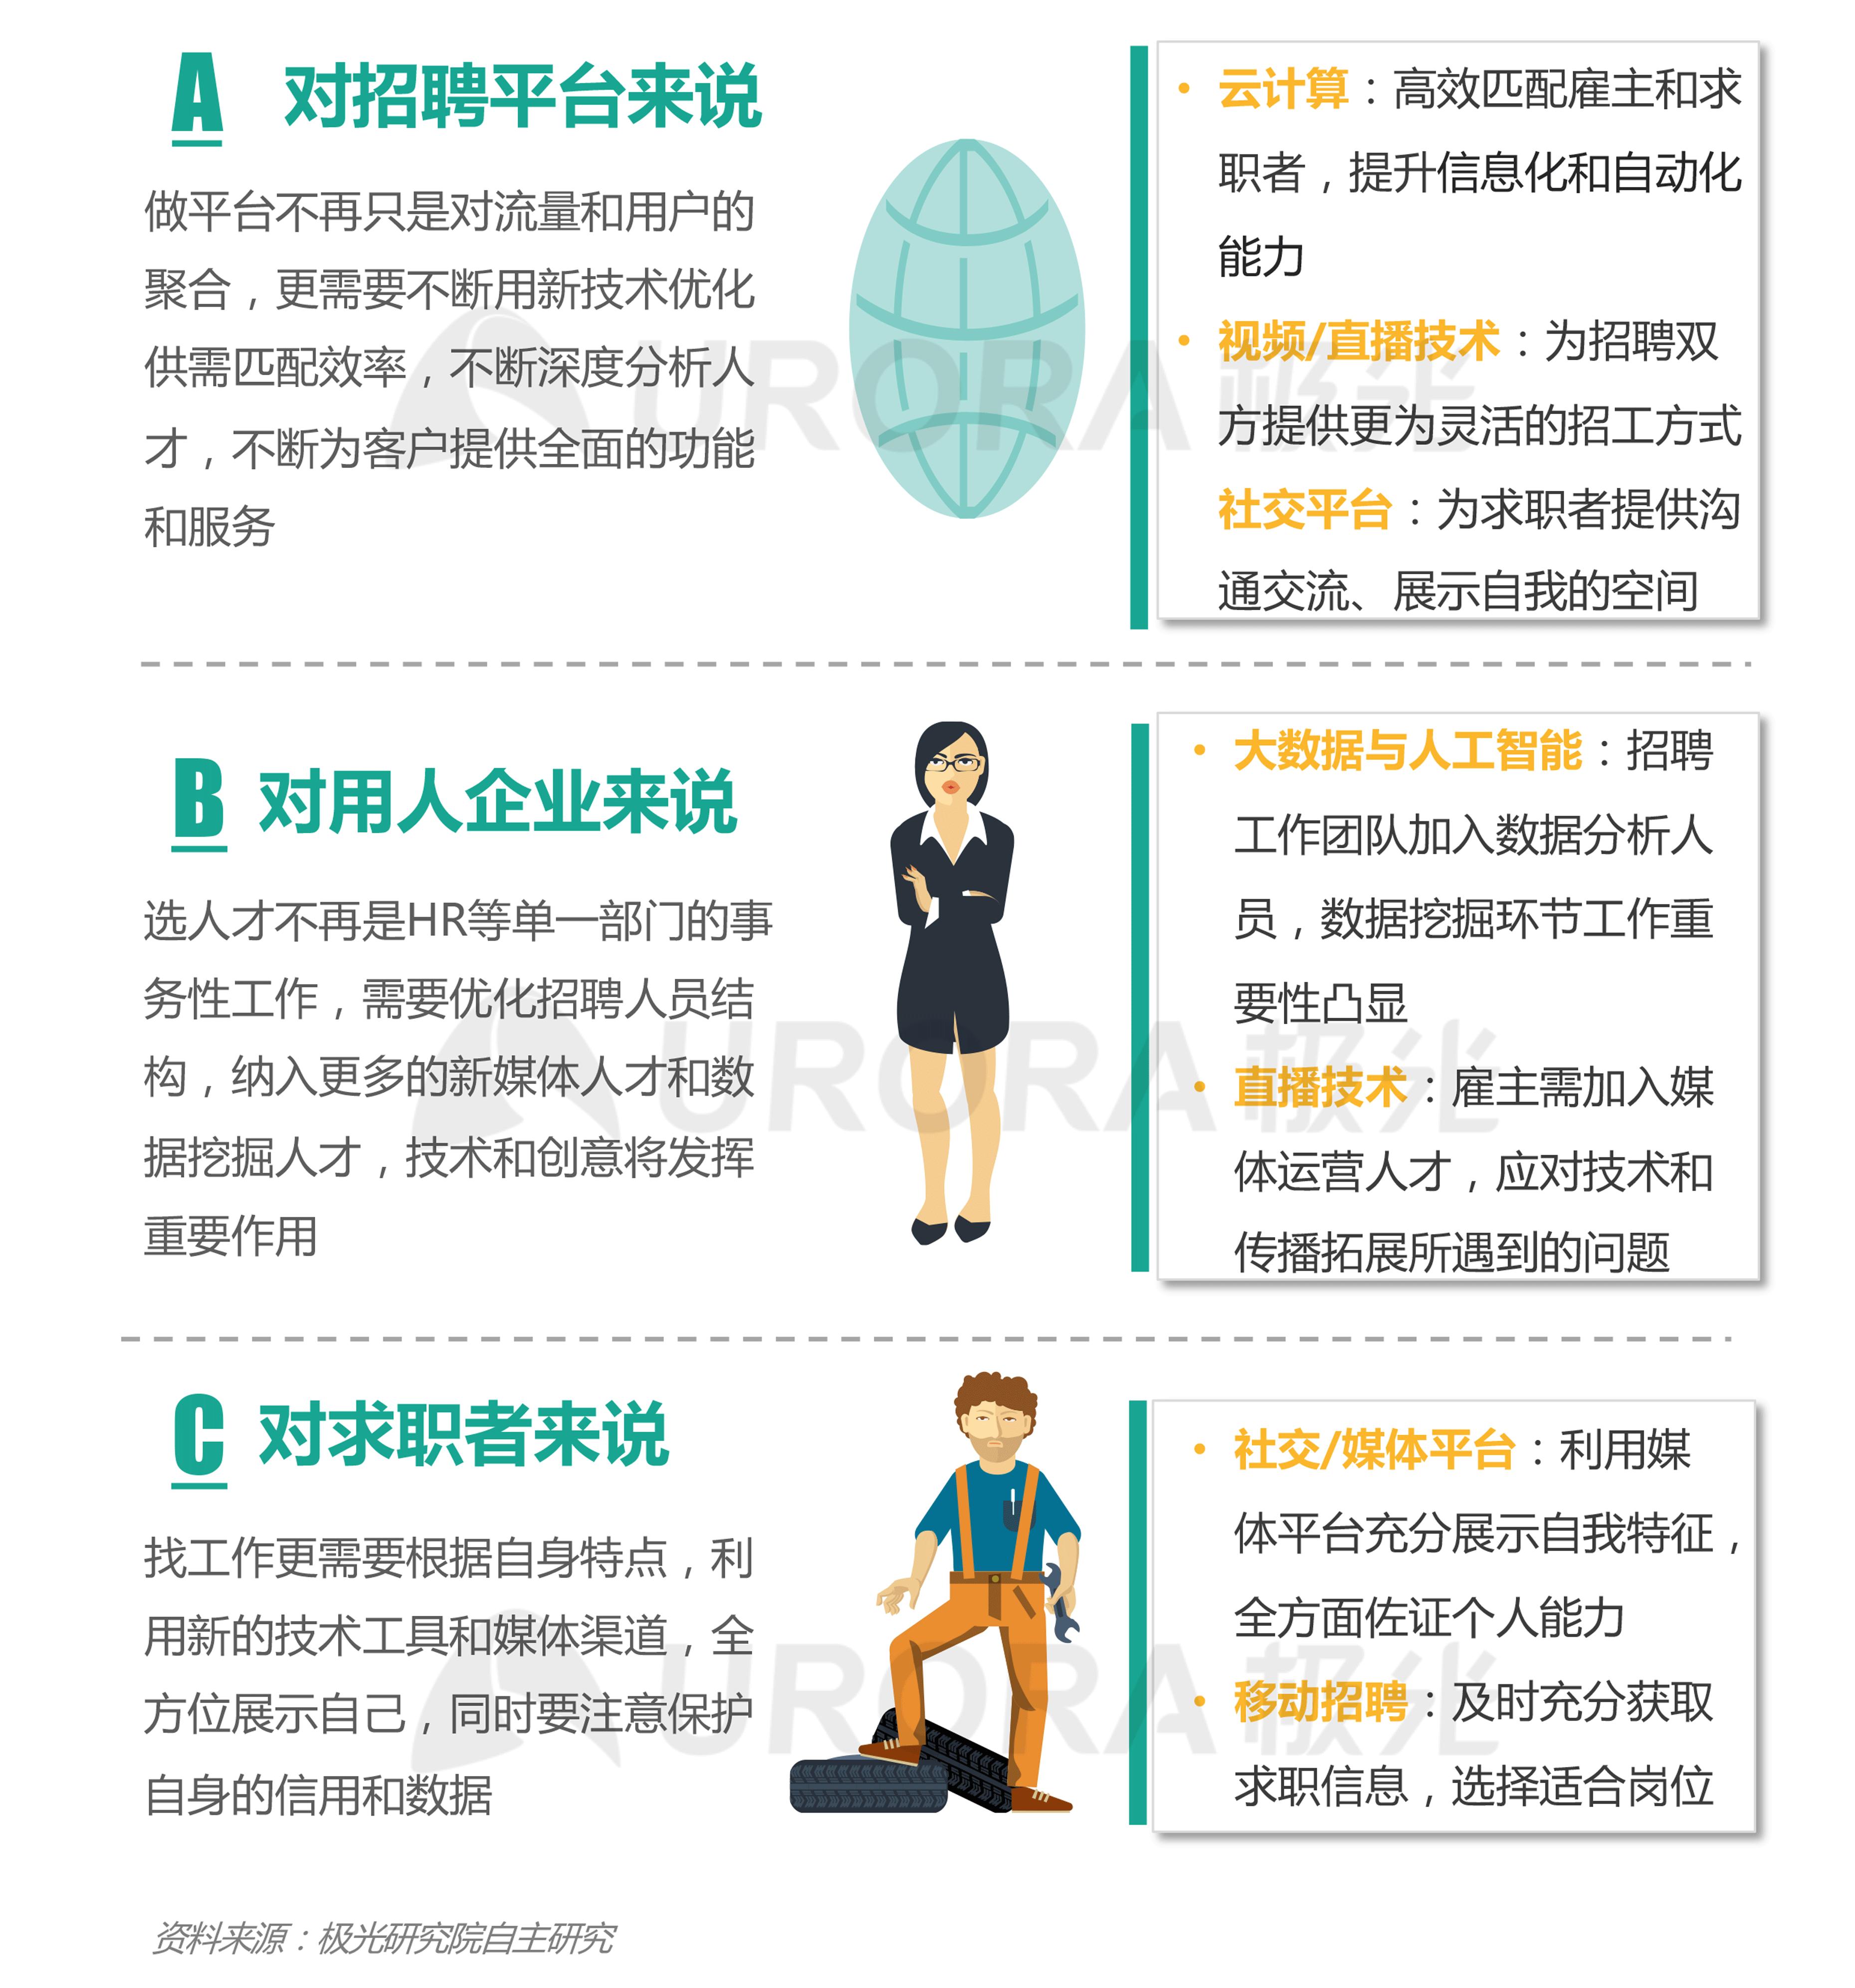 """""""超职季""""招聘行业报告-技术篇 (2).png"""